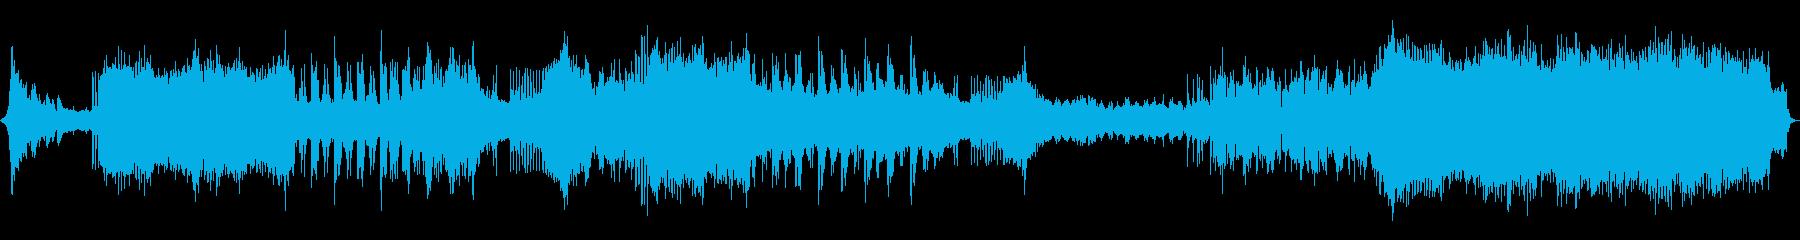 ドラマチックでカッコいいEDMの再生済みの波形